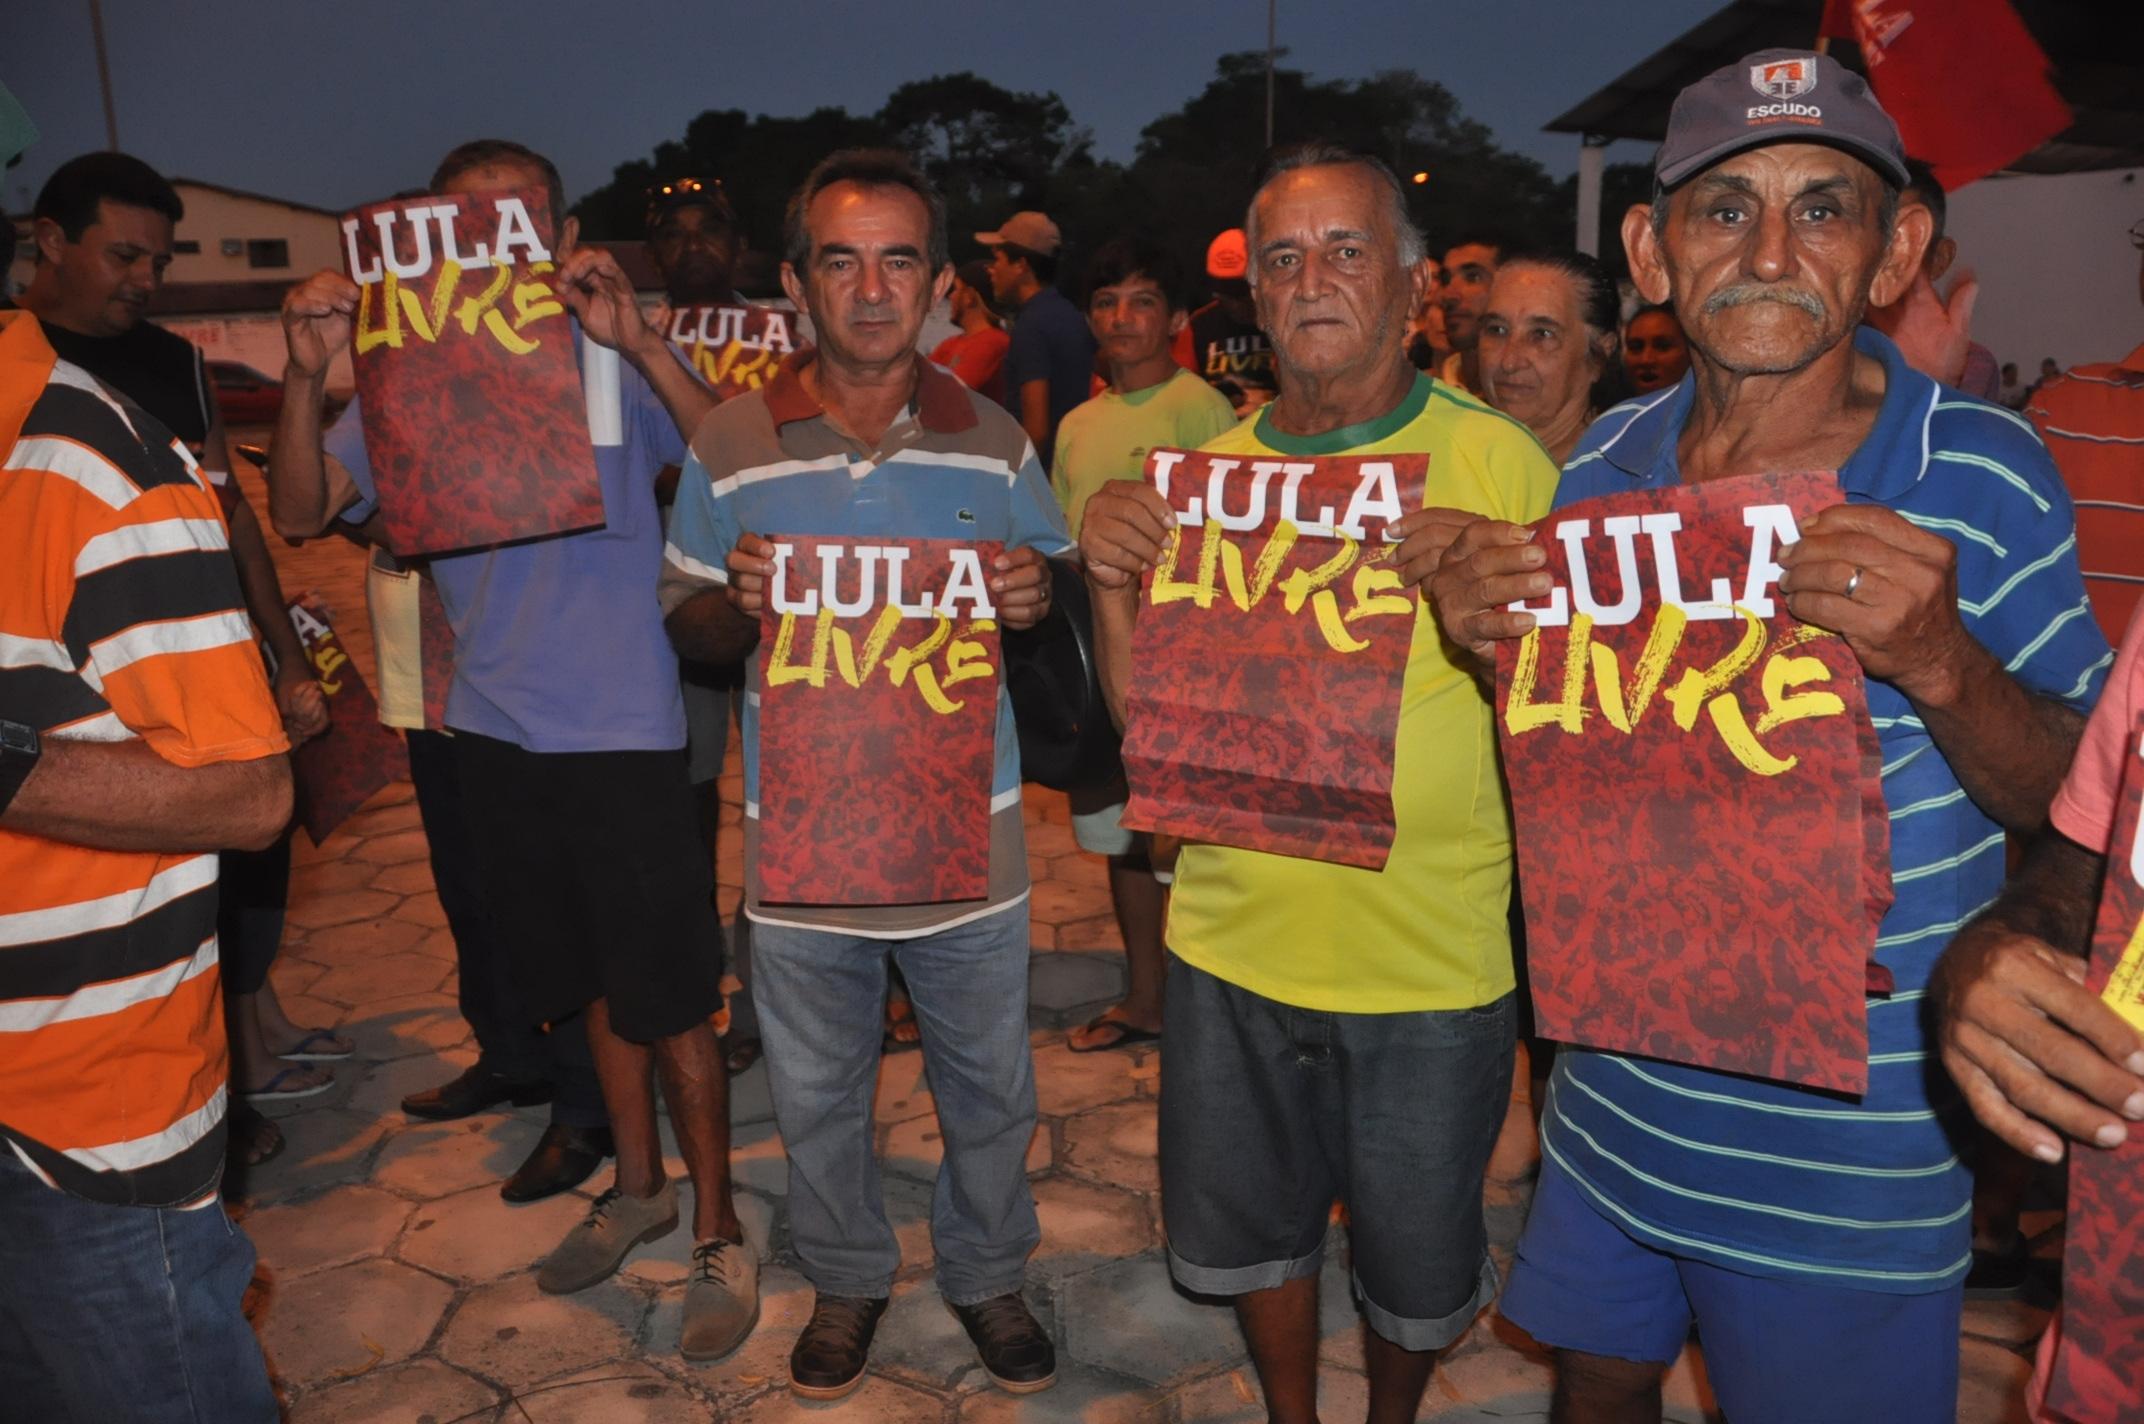 Caravana Lula Livre chega à Bom Princípio do Piauí